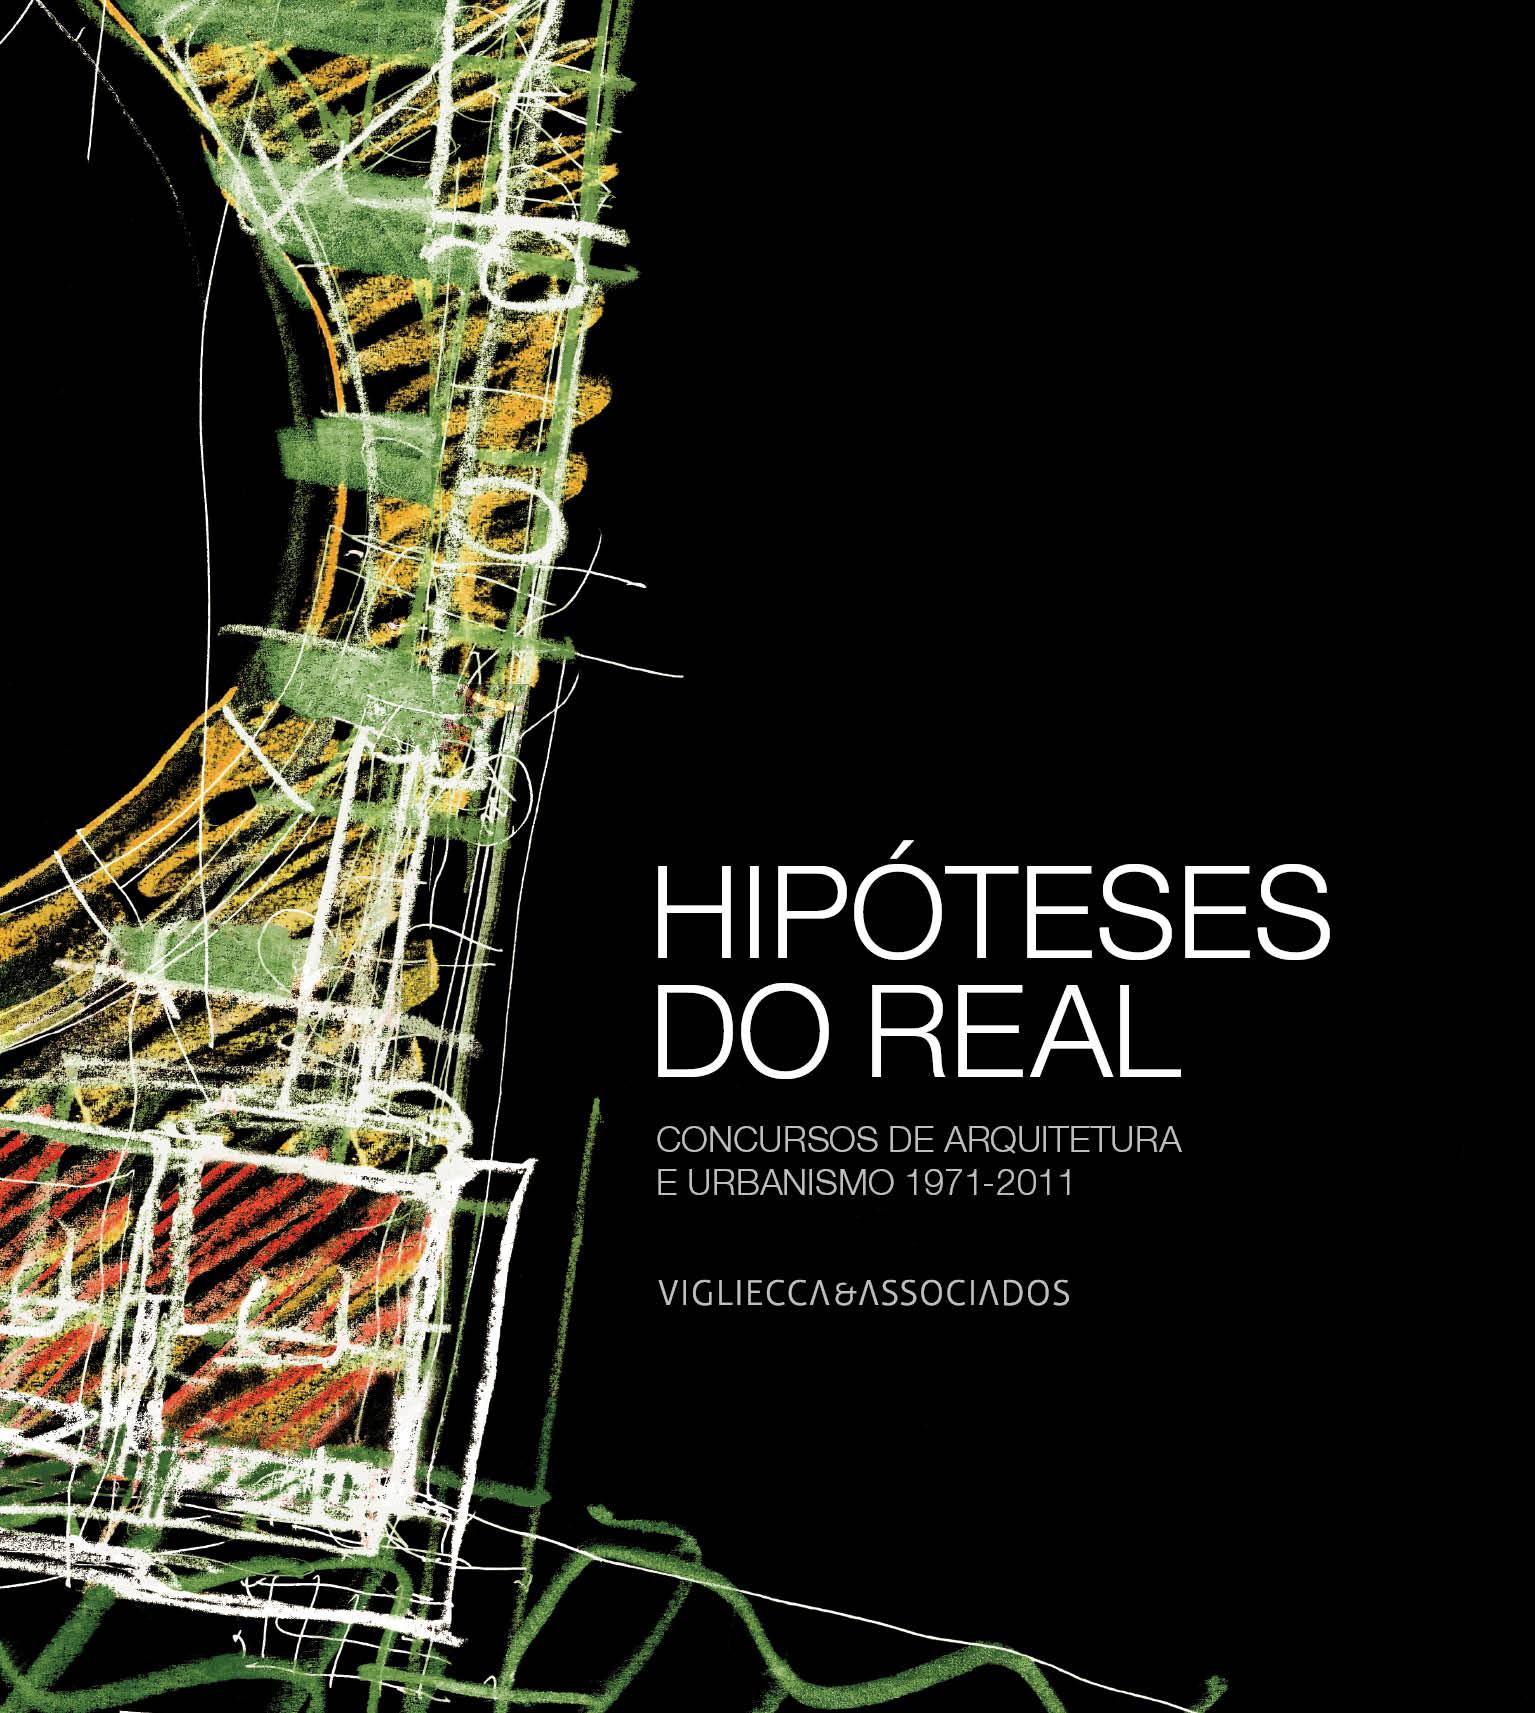 hectorvigliecca-hipoteses_do_real.jpg